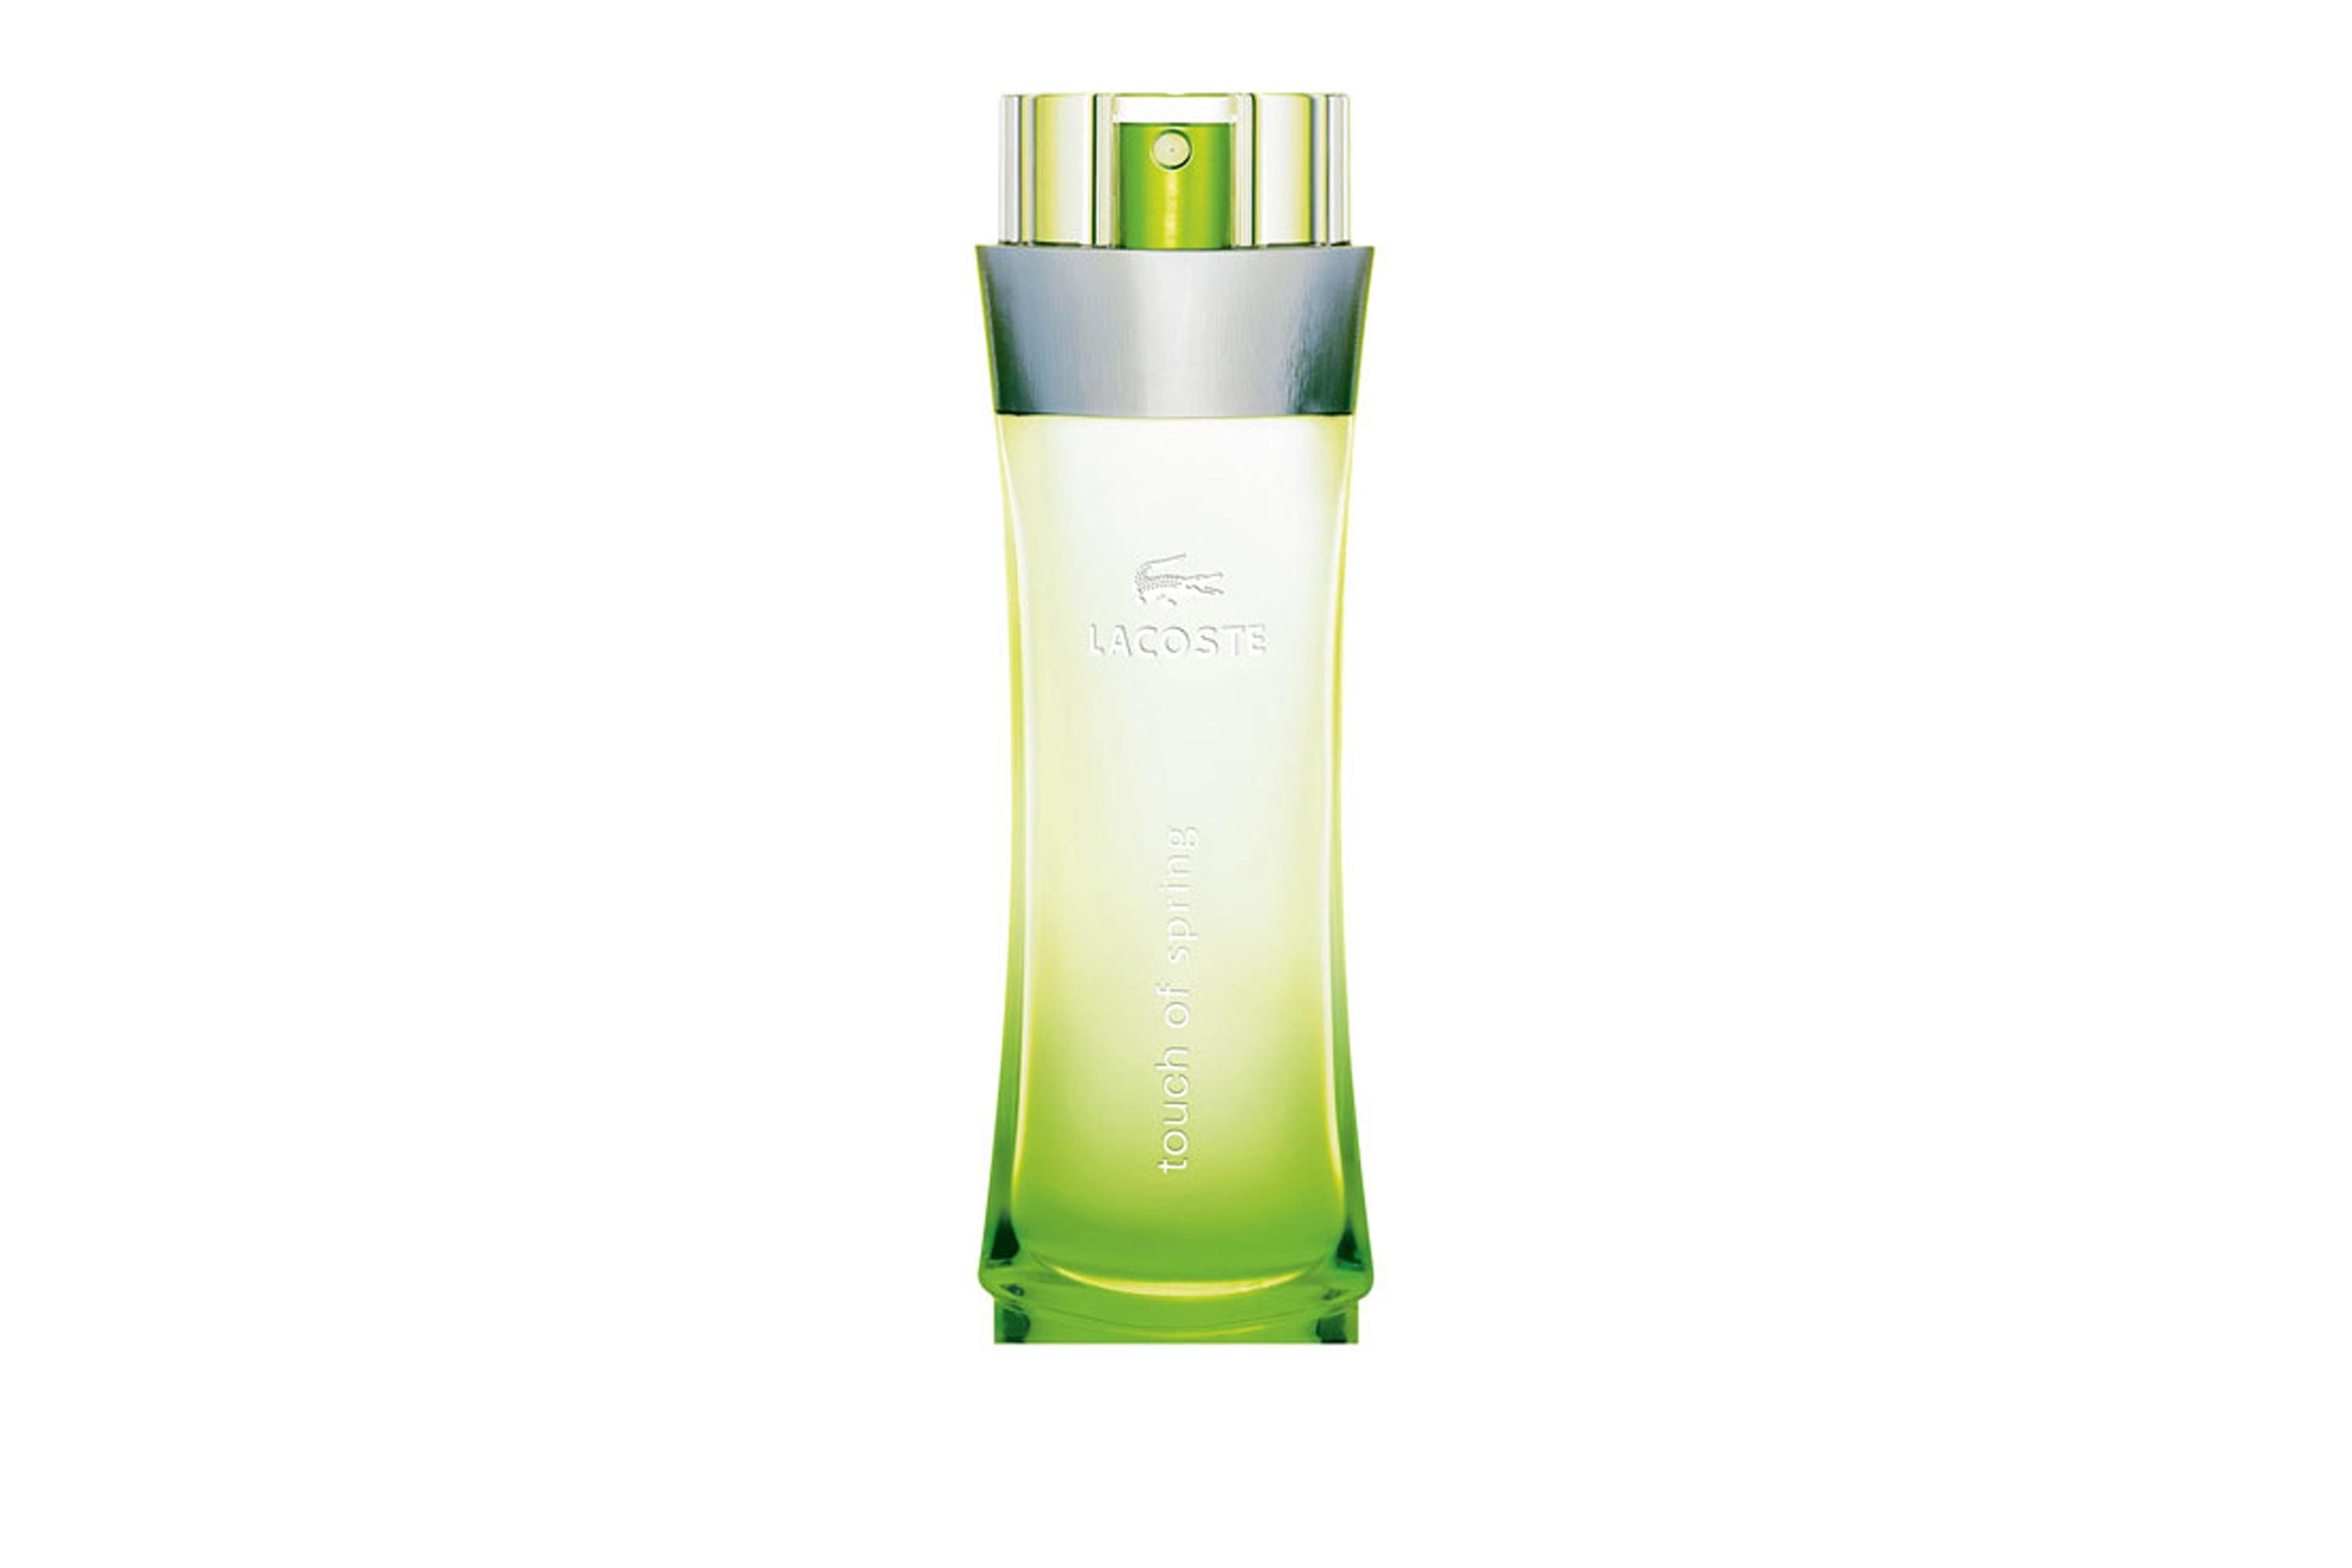 Lacoste Touch of Spring -погружает свою обладательницу в мир весны и распускающихся цветов. Энергия цвета и женственности в парфюме созданы для молодой, модной и энергичной женщины, он наполняет весенним настроением и пробуждает творческие порывы.